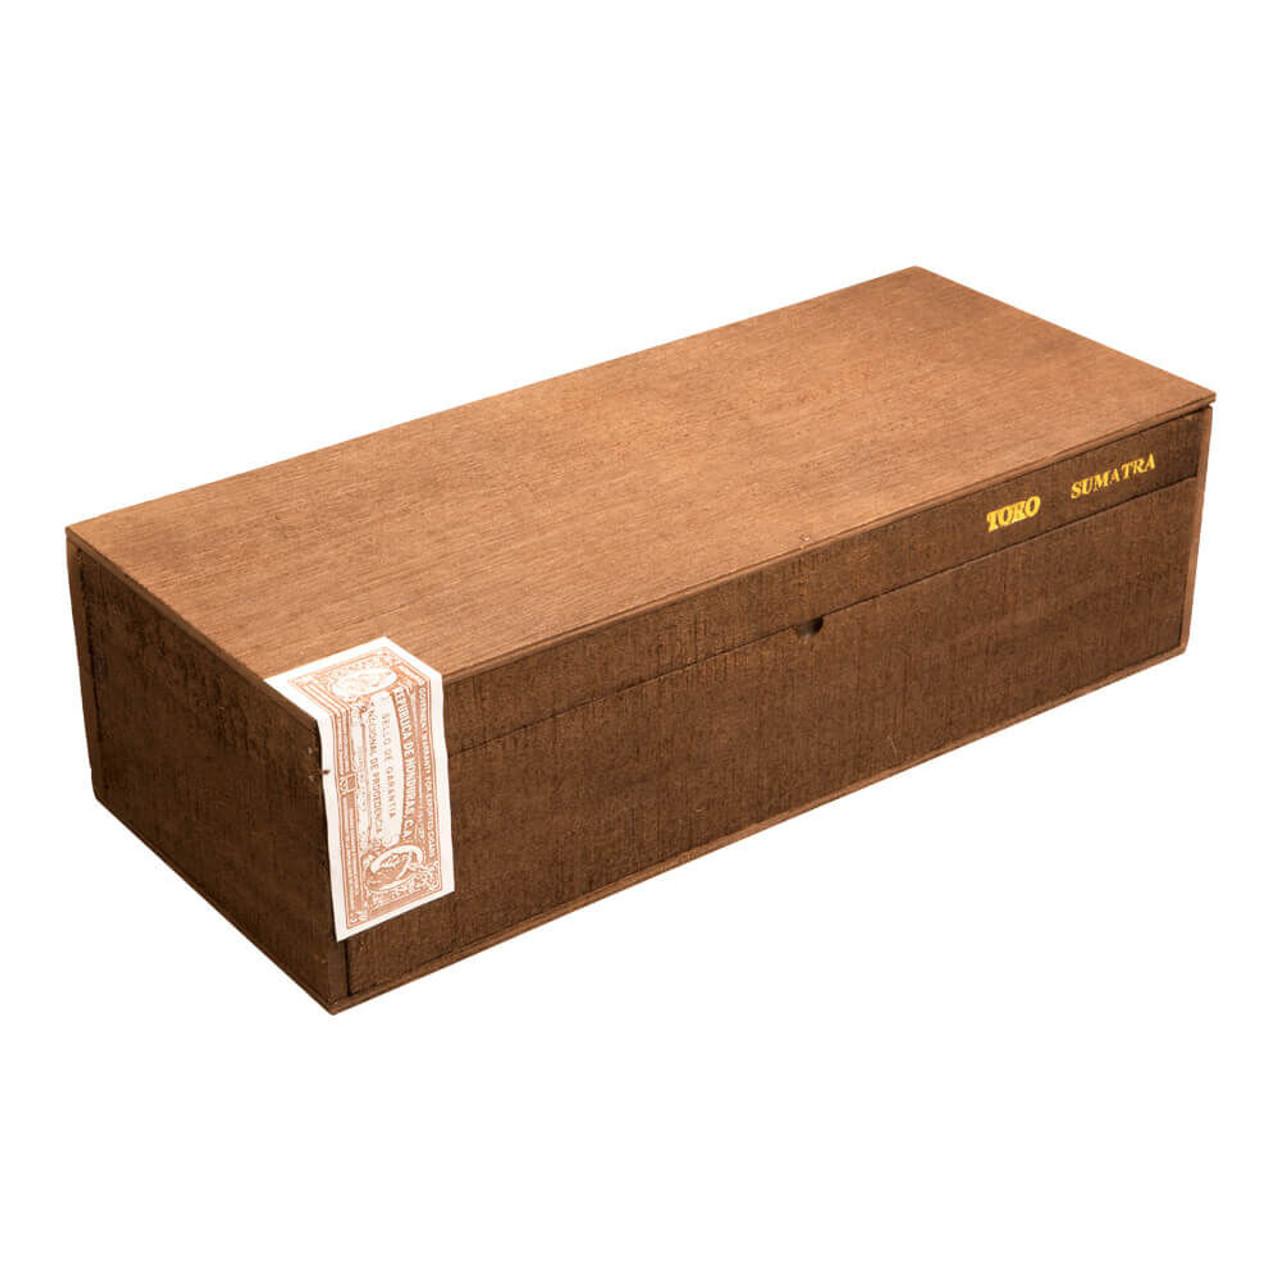 Rocky Patel The Edge Sumatra Sumatra Toro Tray Cigars - 6 x 52 (Box of 100)